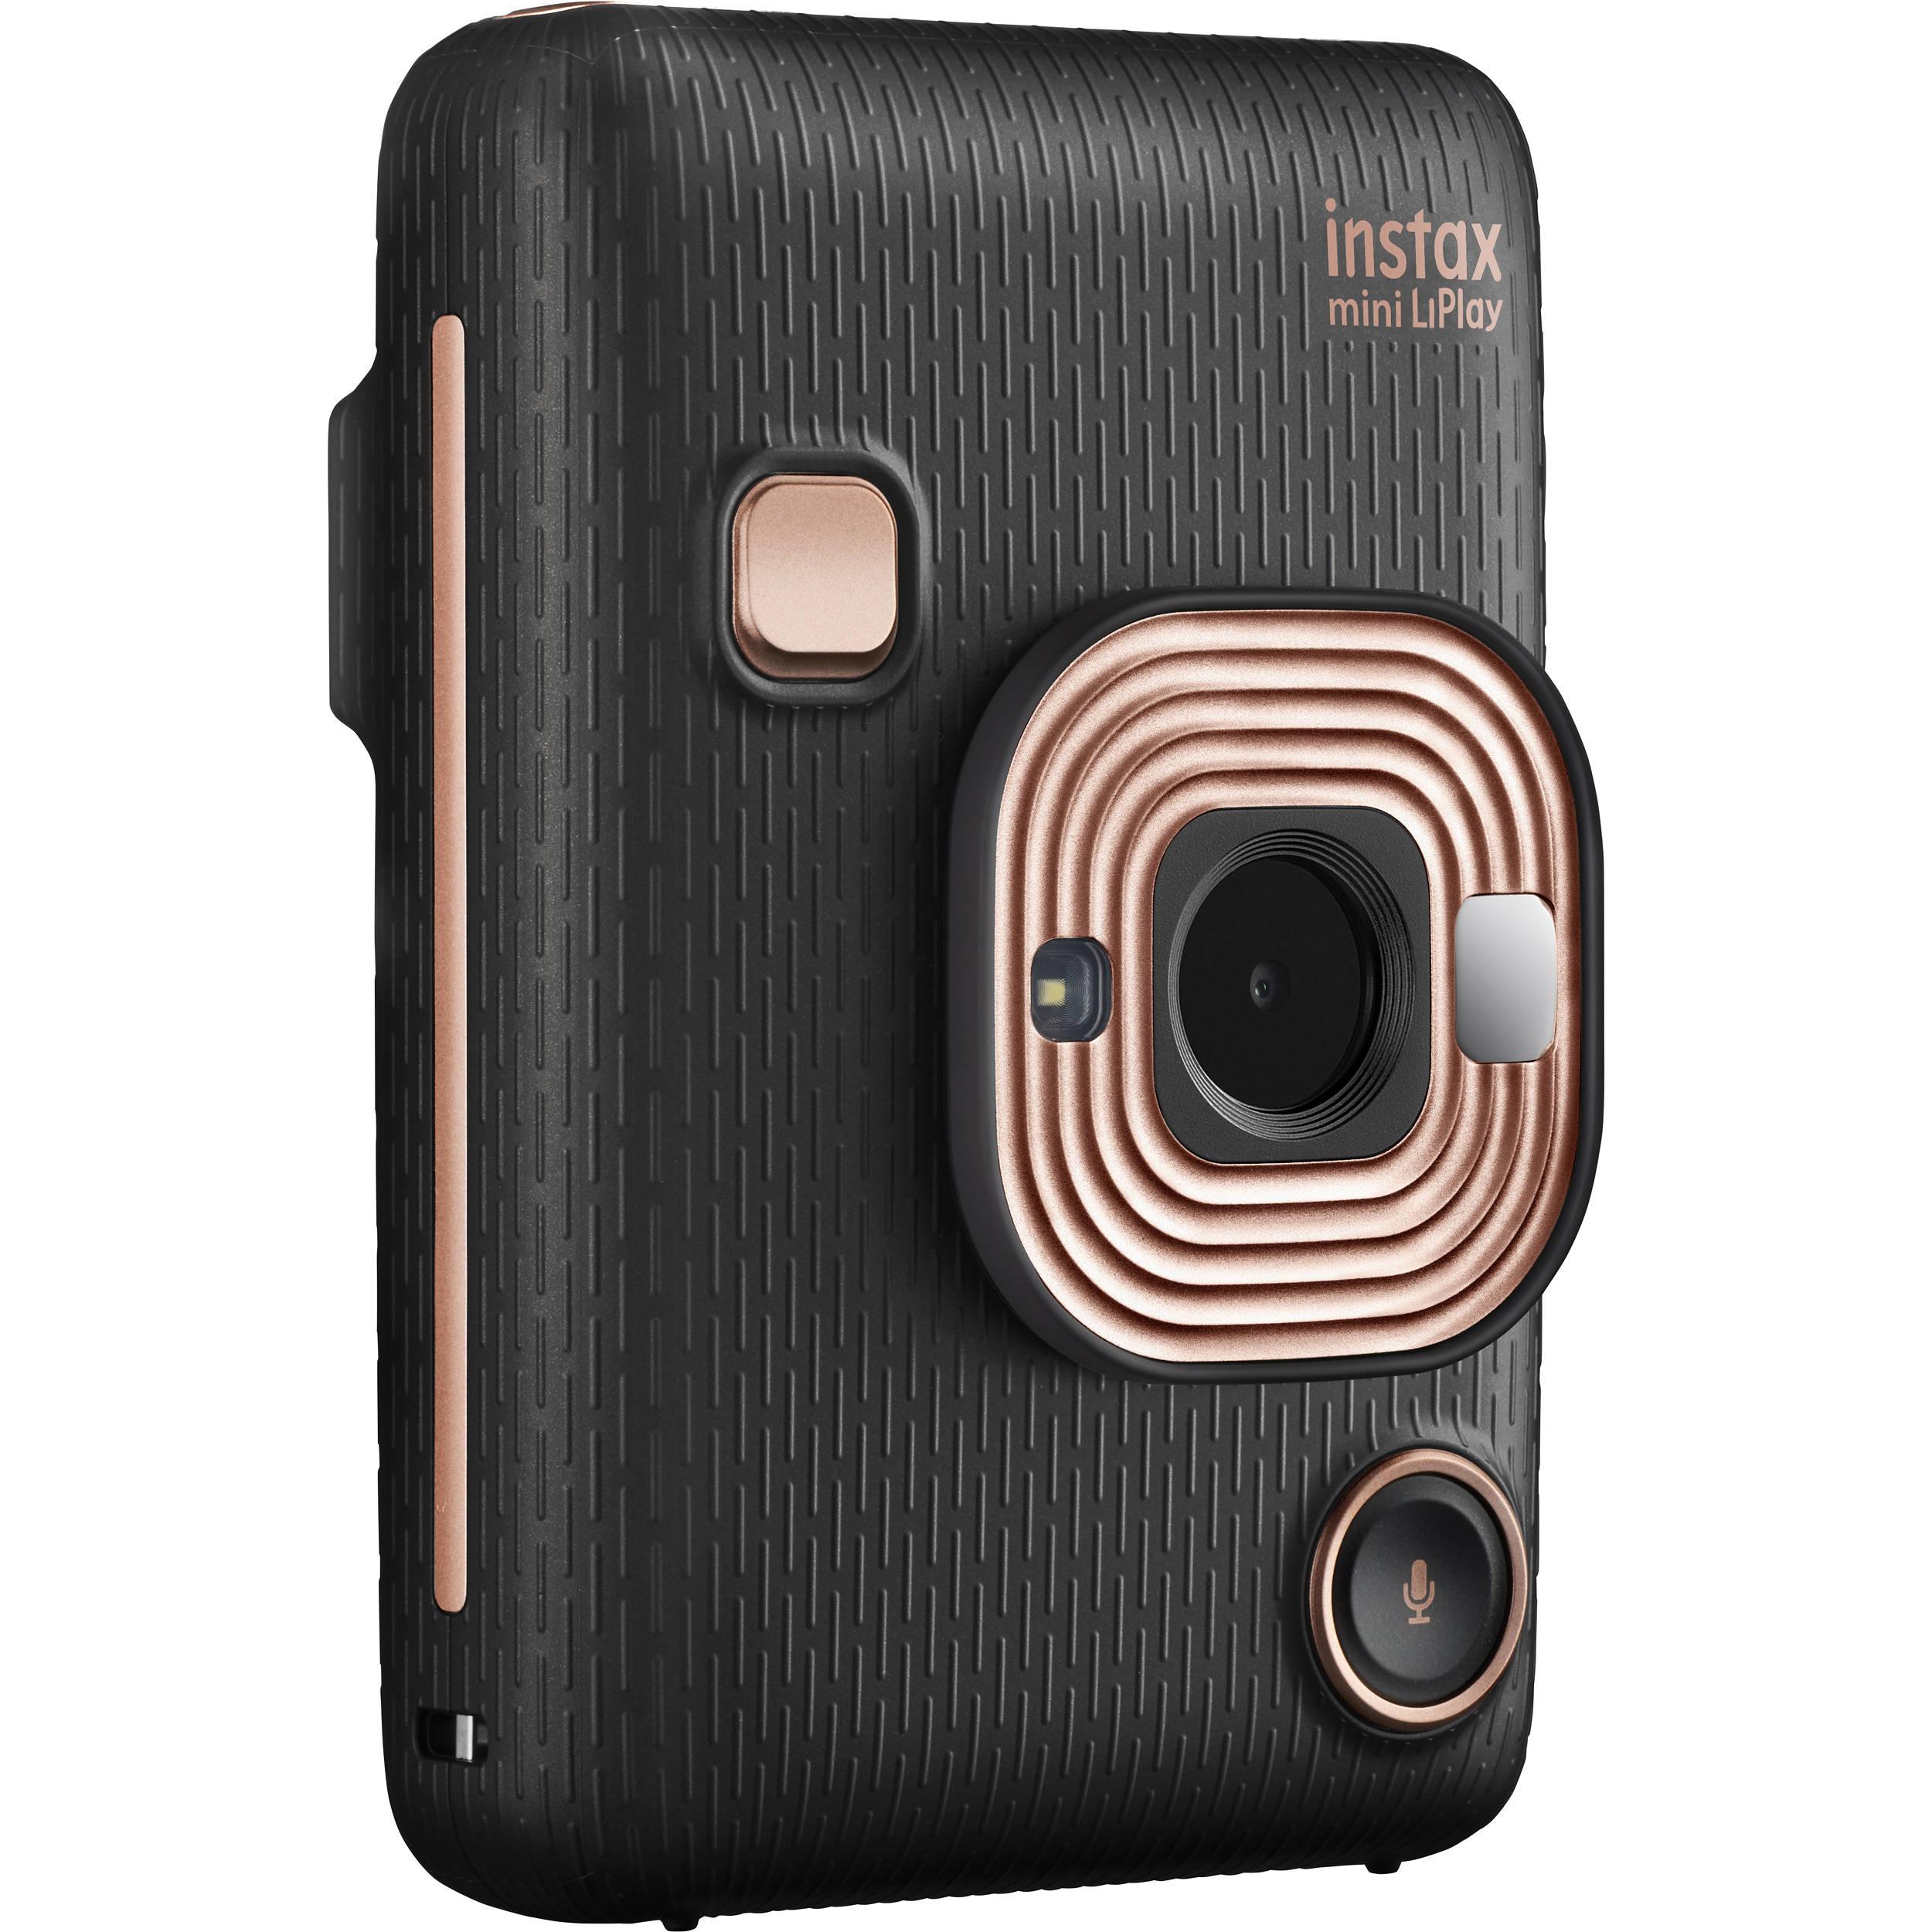 online store 46506 f1d4b FUJIFILM INSTAX Mini LiPlay Hybrid Instant Camera (Elegant Black)